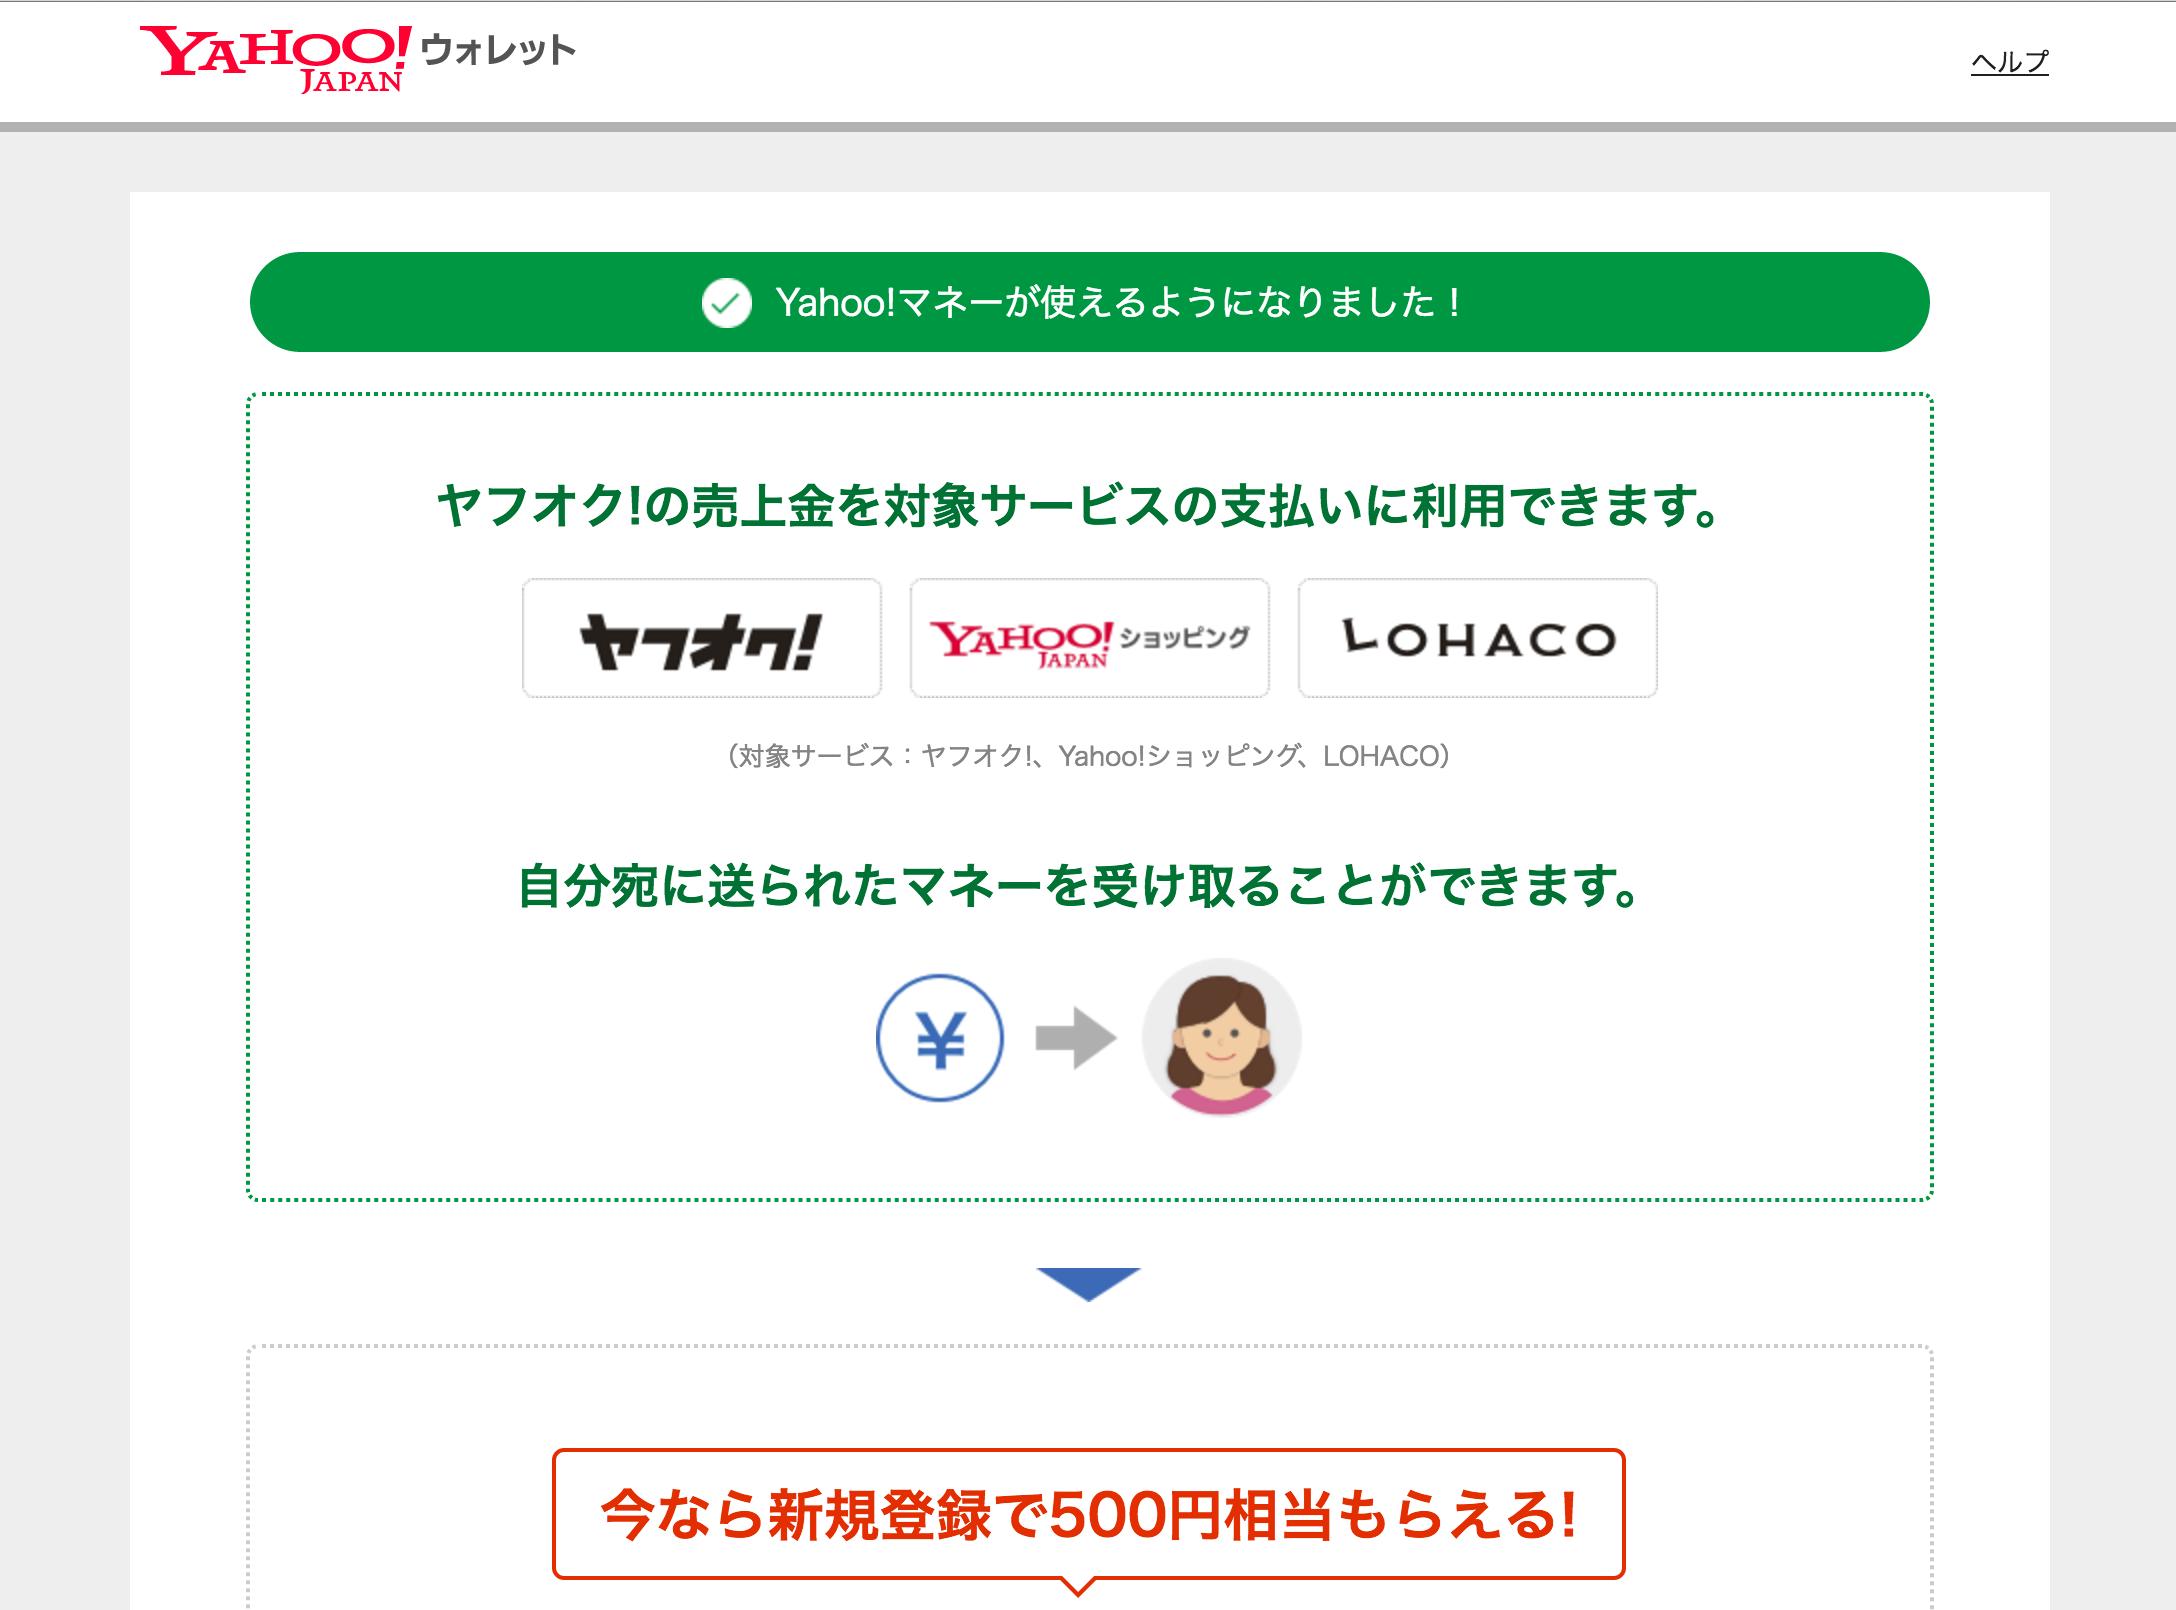 「Yahoo!マネー」が使えるのは、ヤフオク!、Yahoo!ショッピング、LOHACO